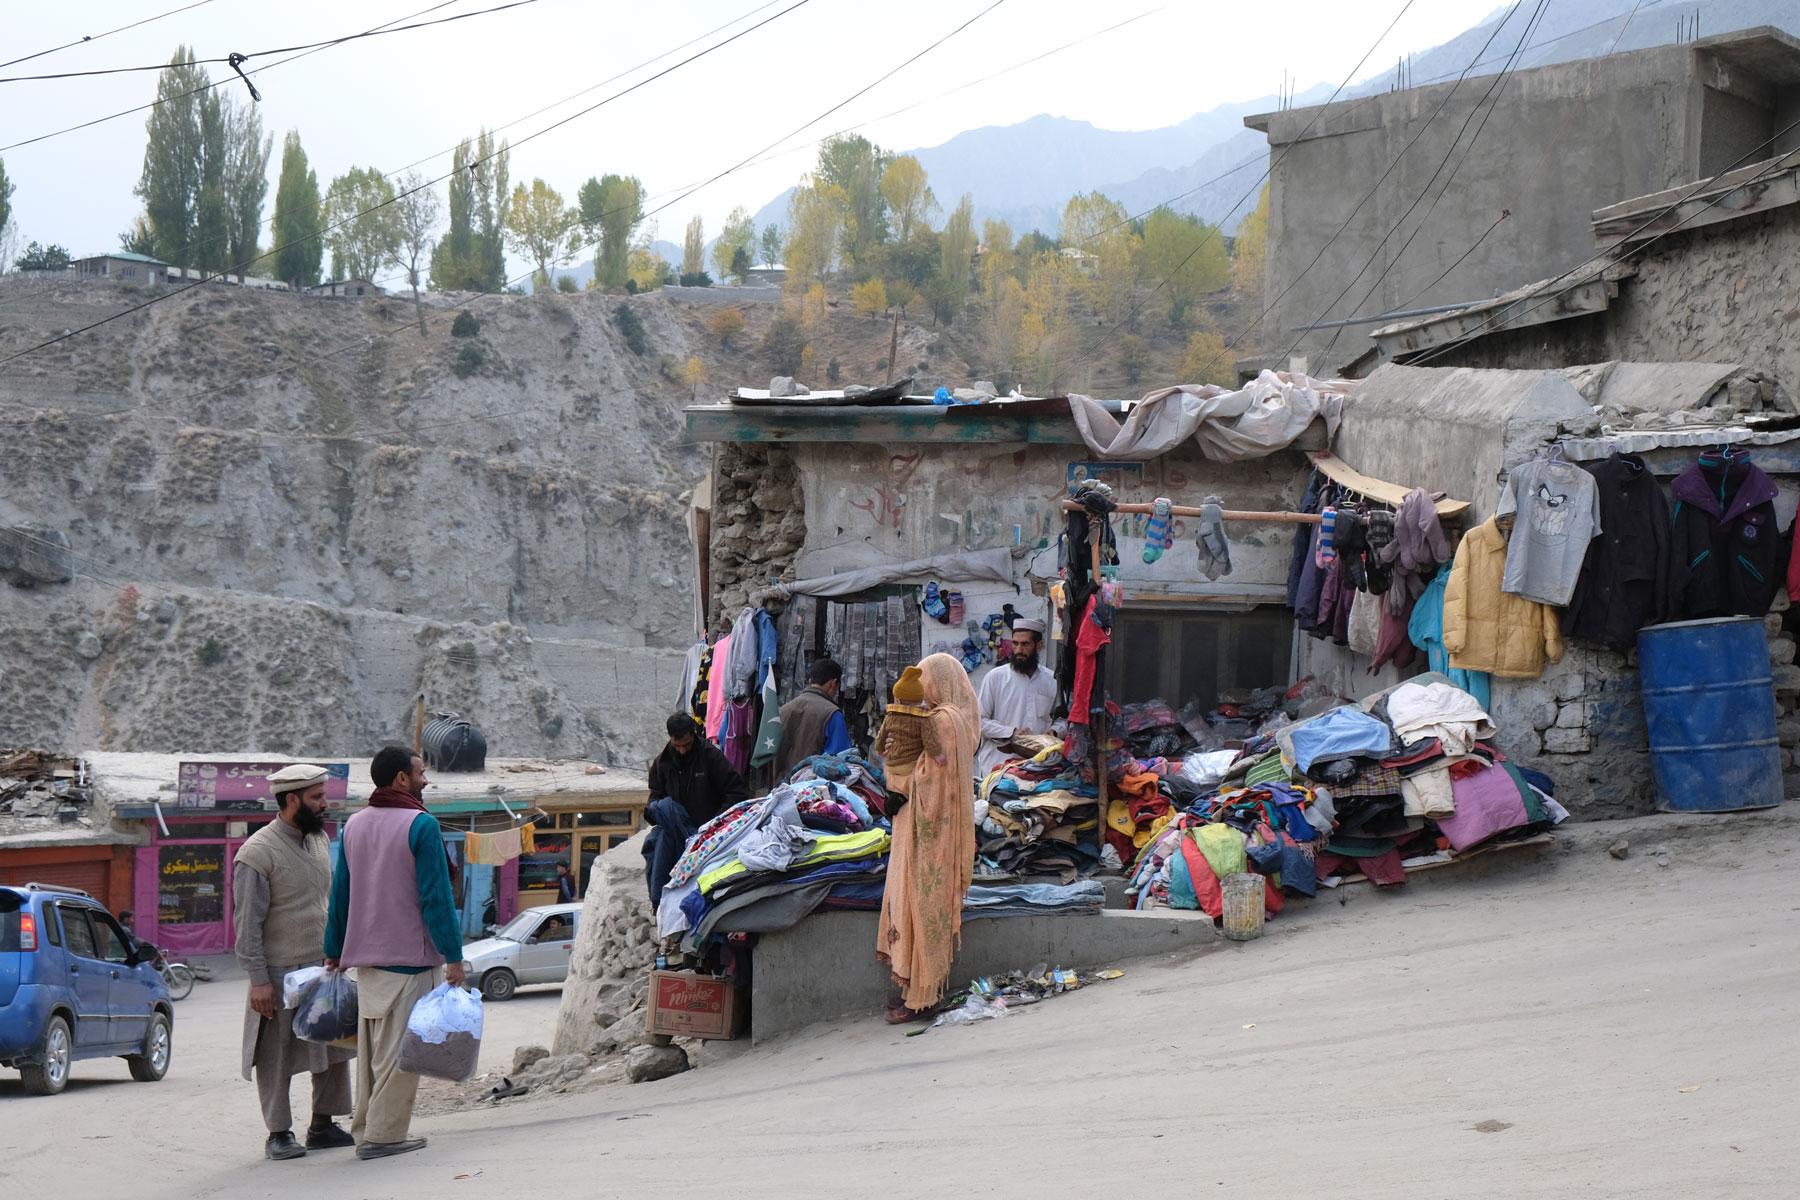 Kleidergeschäft in Astore im Karakorumgebirge.